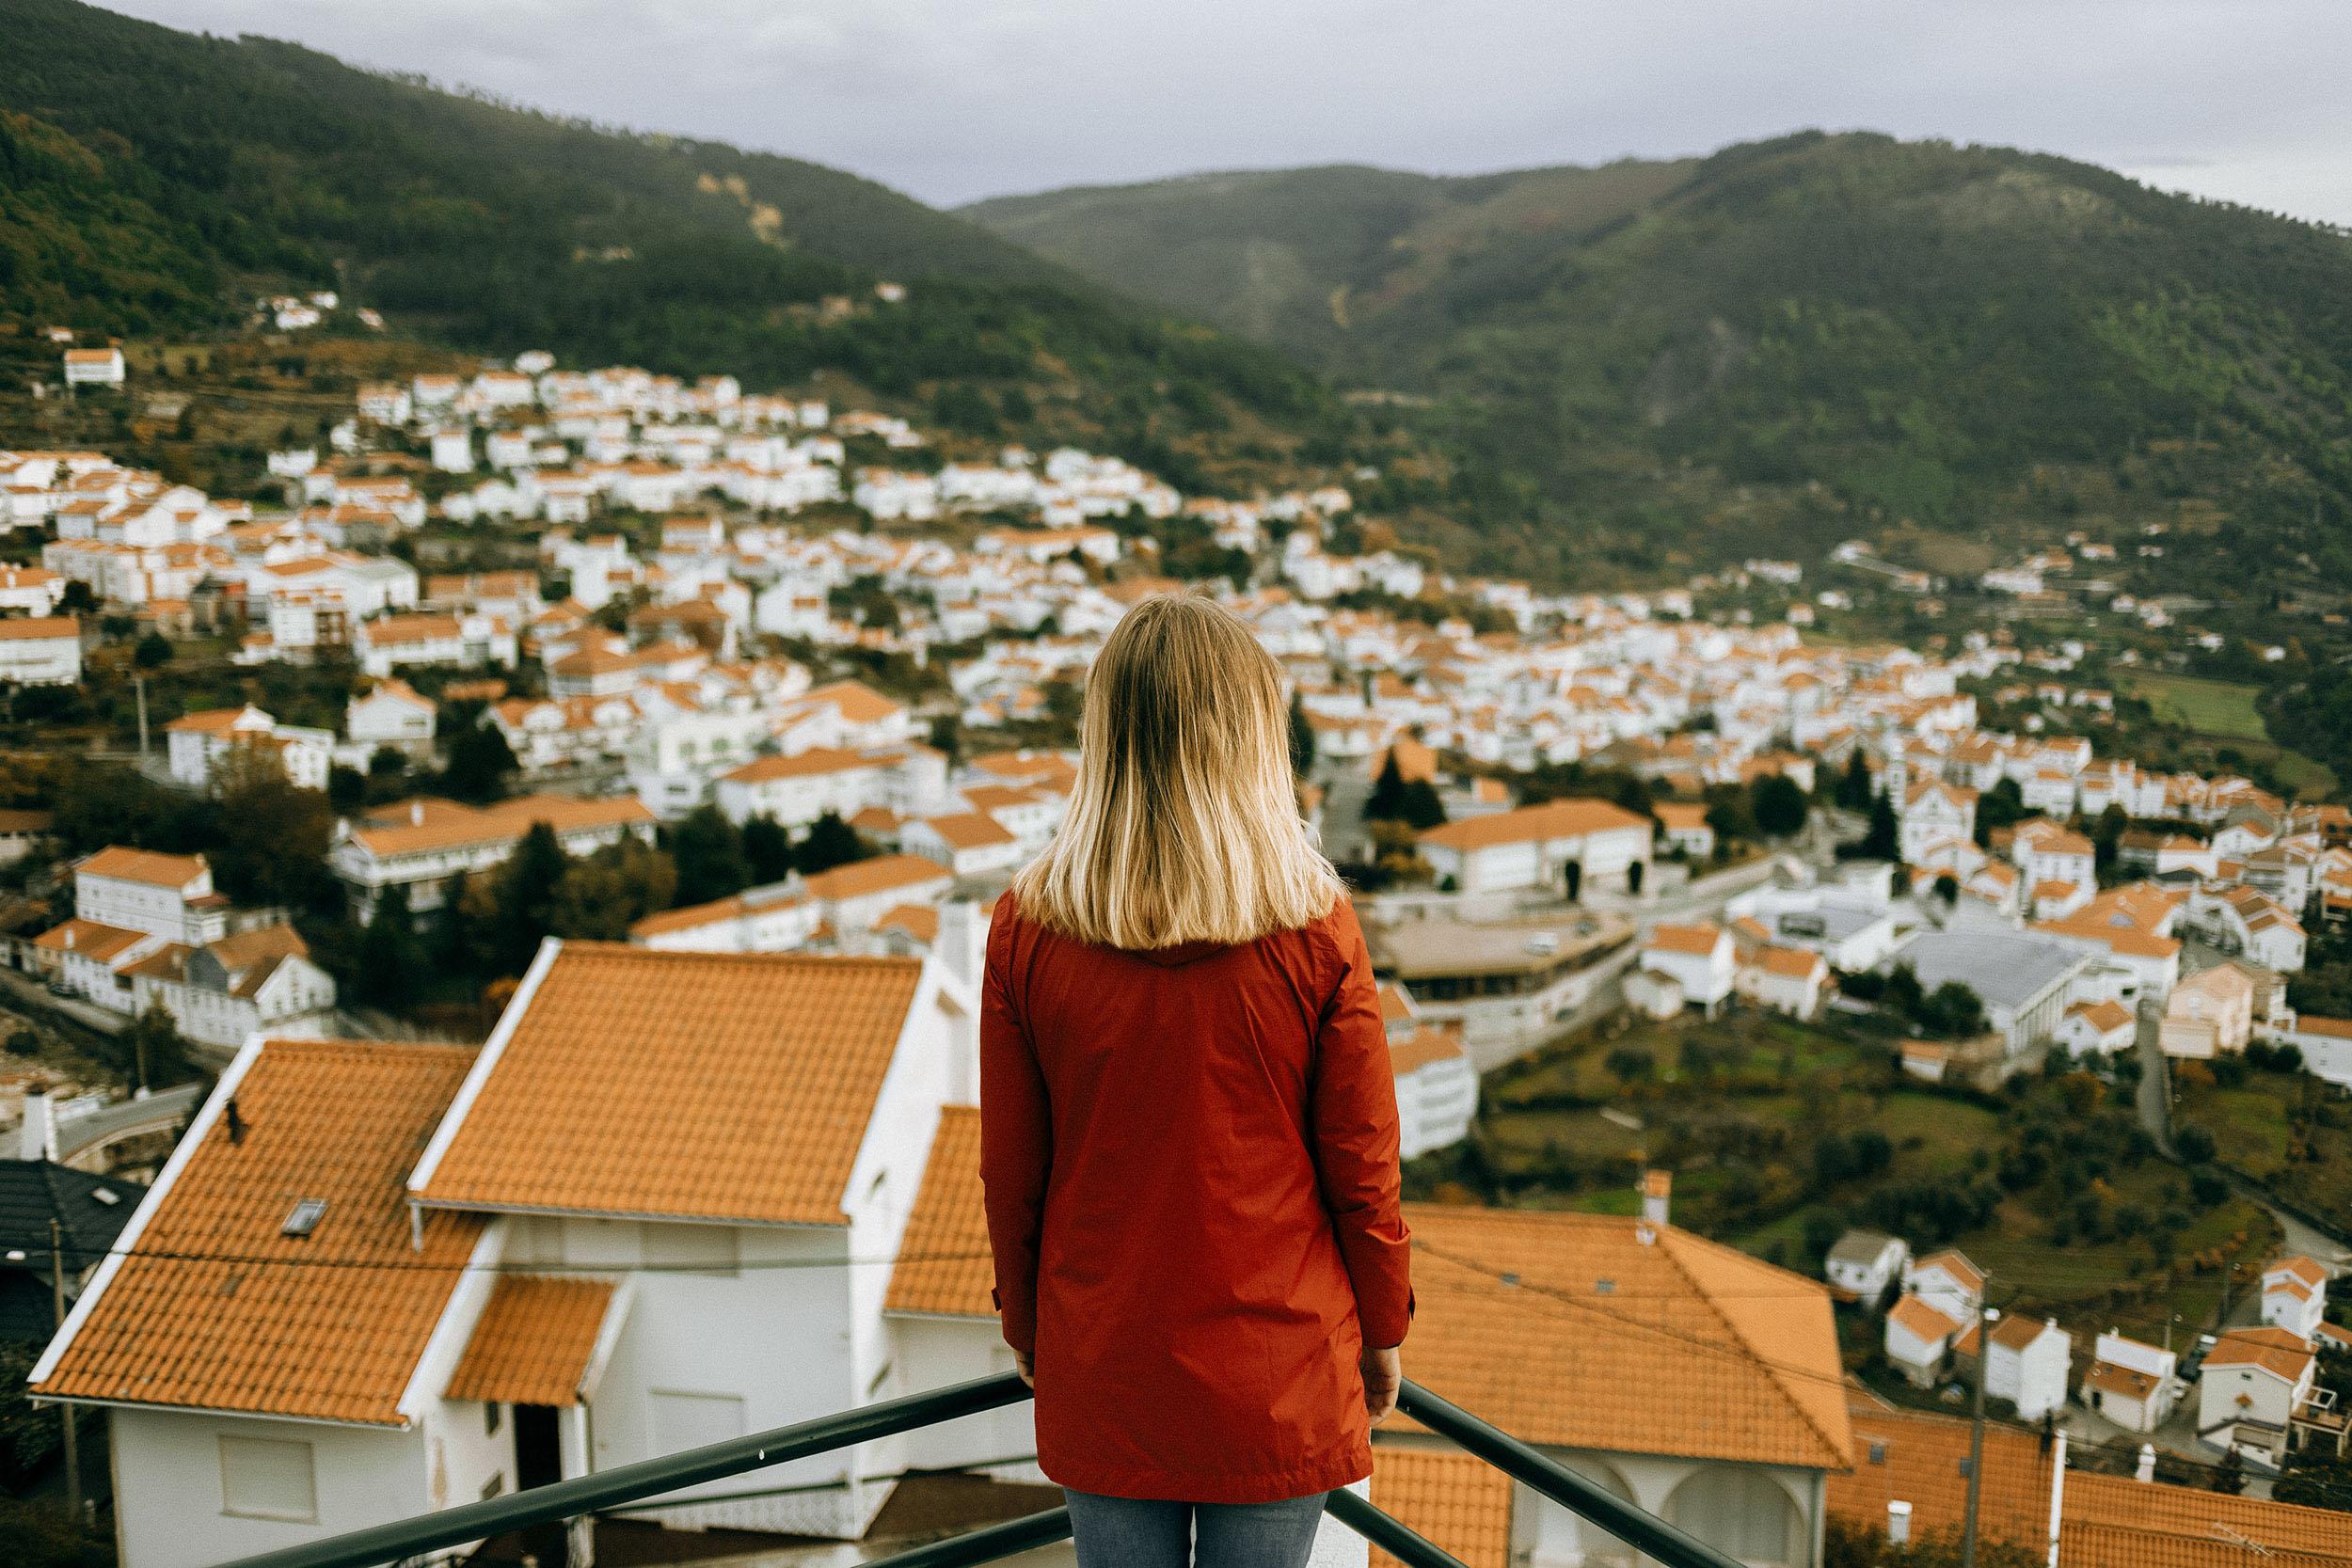 Место силы: горы Серра-да-Эштрела в Португалии Место силы: горы Серра-да-Эштрела в Португалии 31big